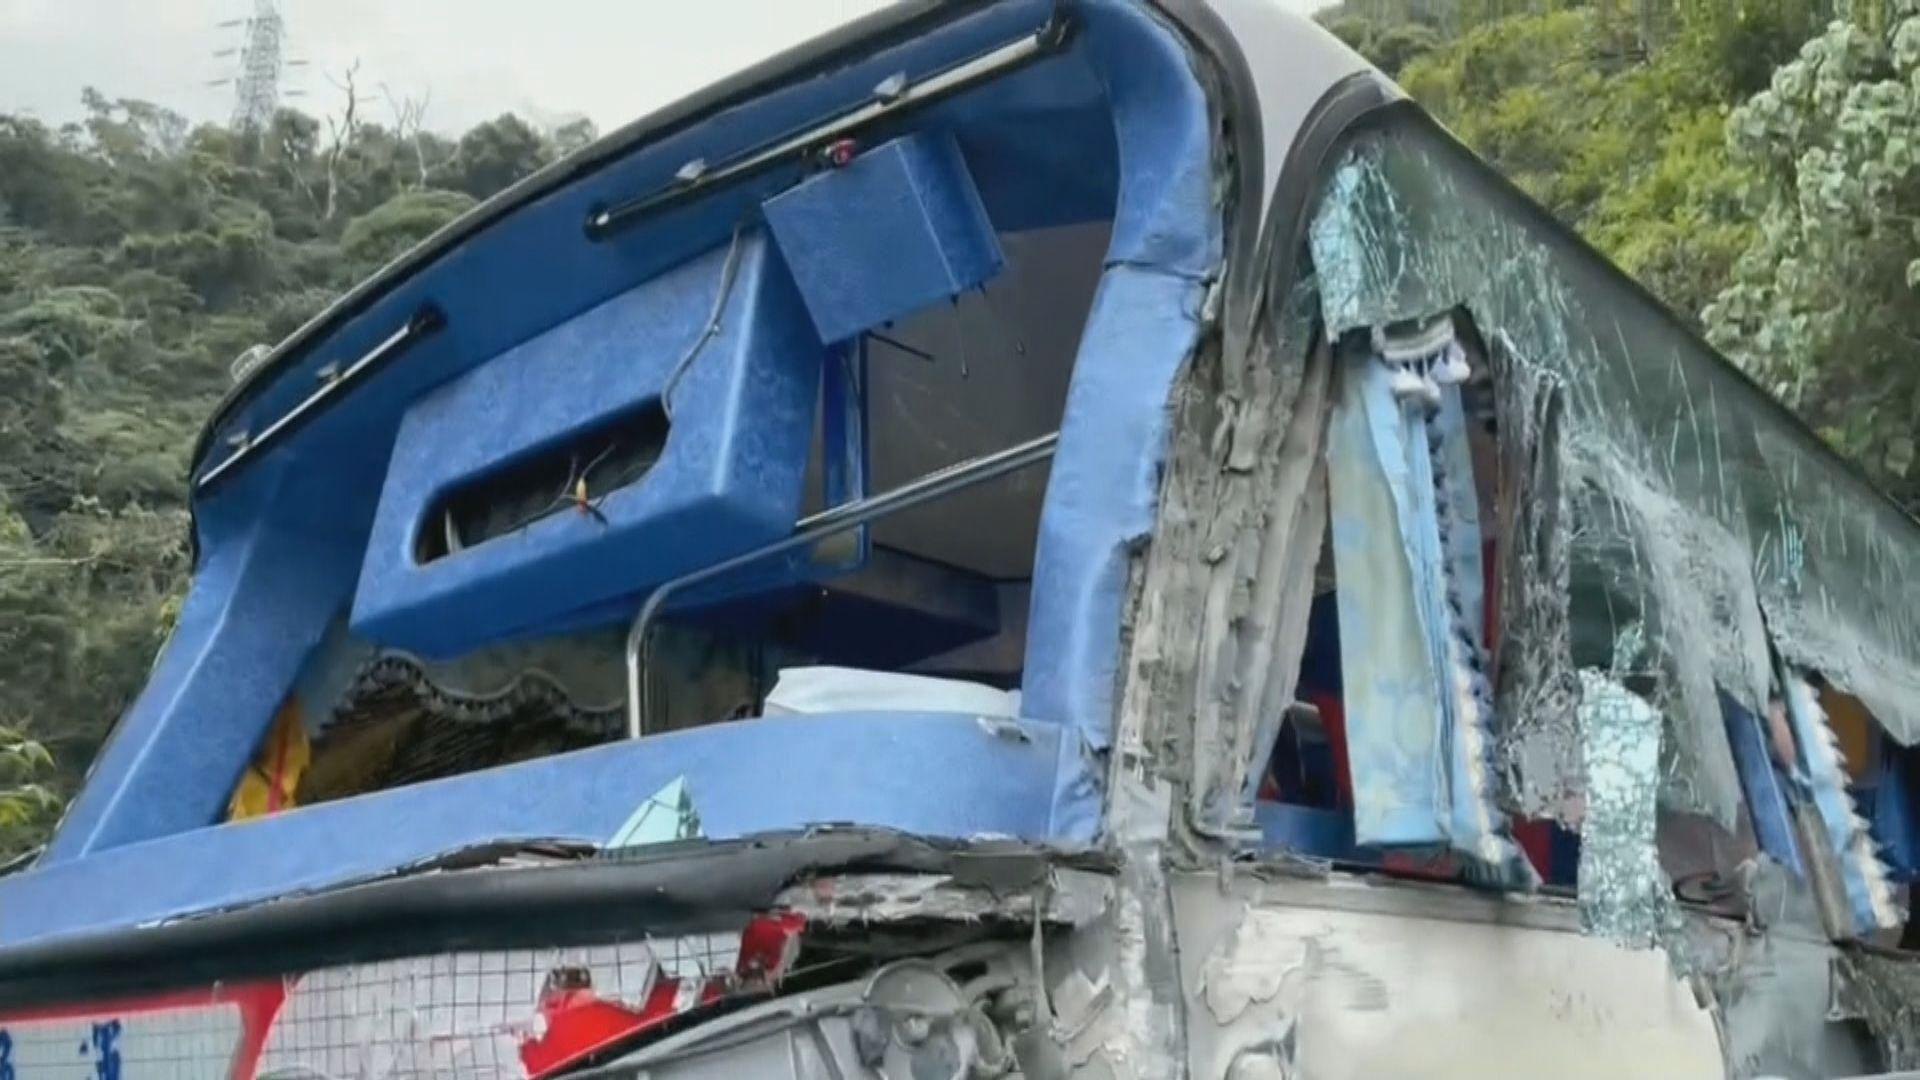 台灣宜蘭發生車禍 據報涉事司機表示事發時煞車失靈